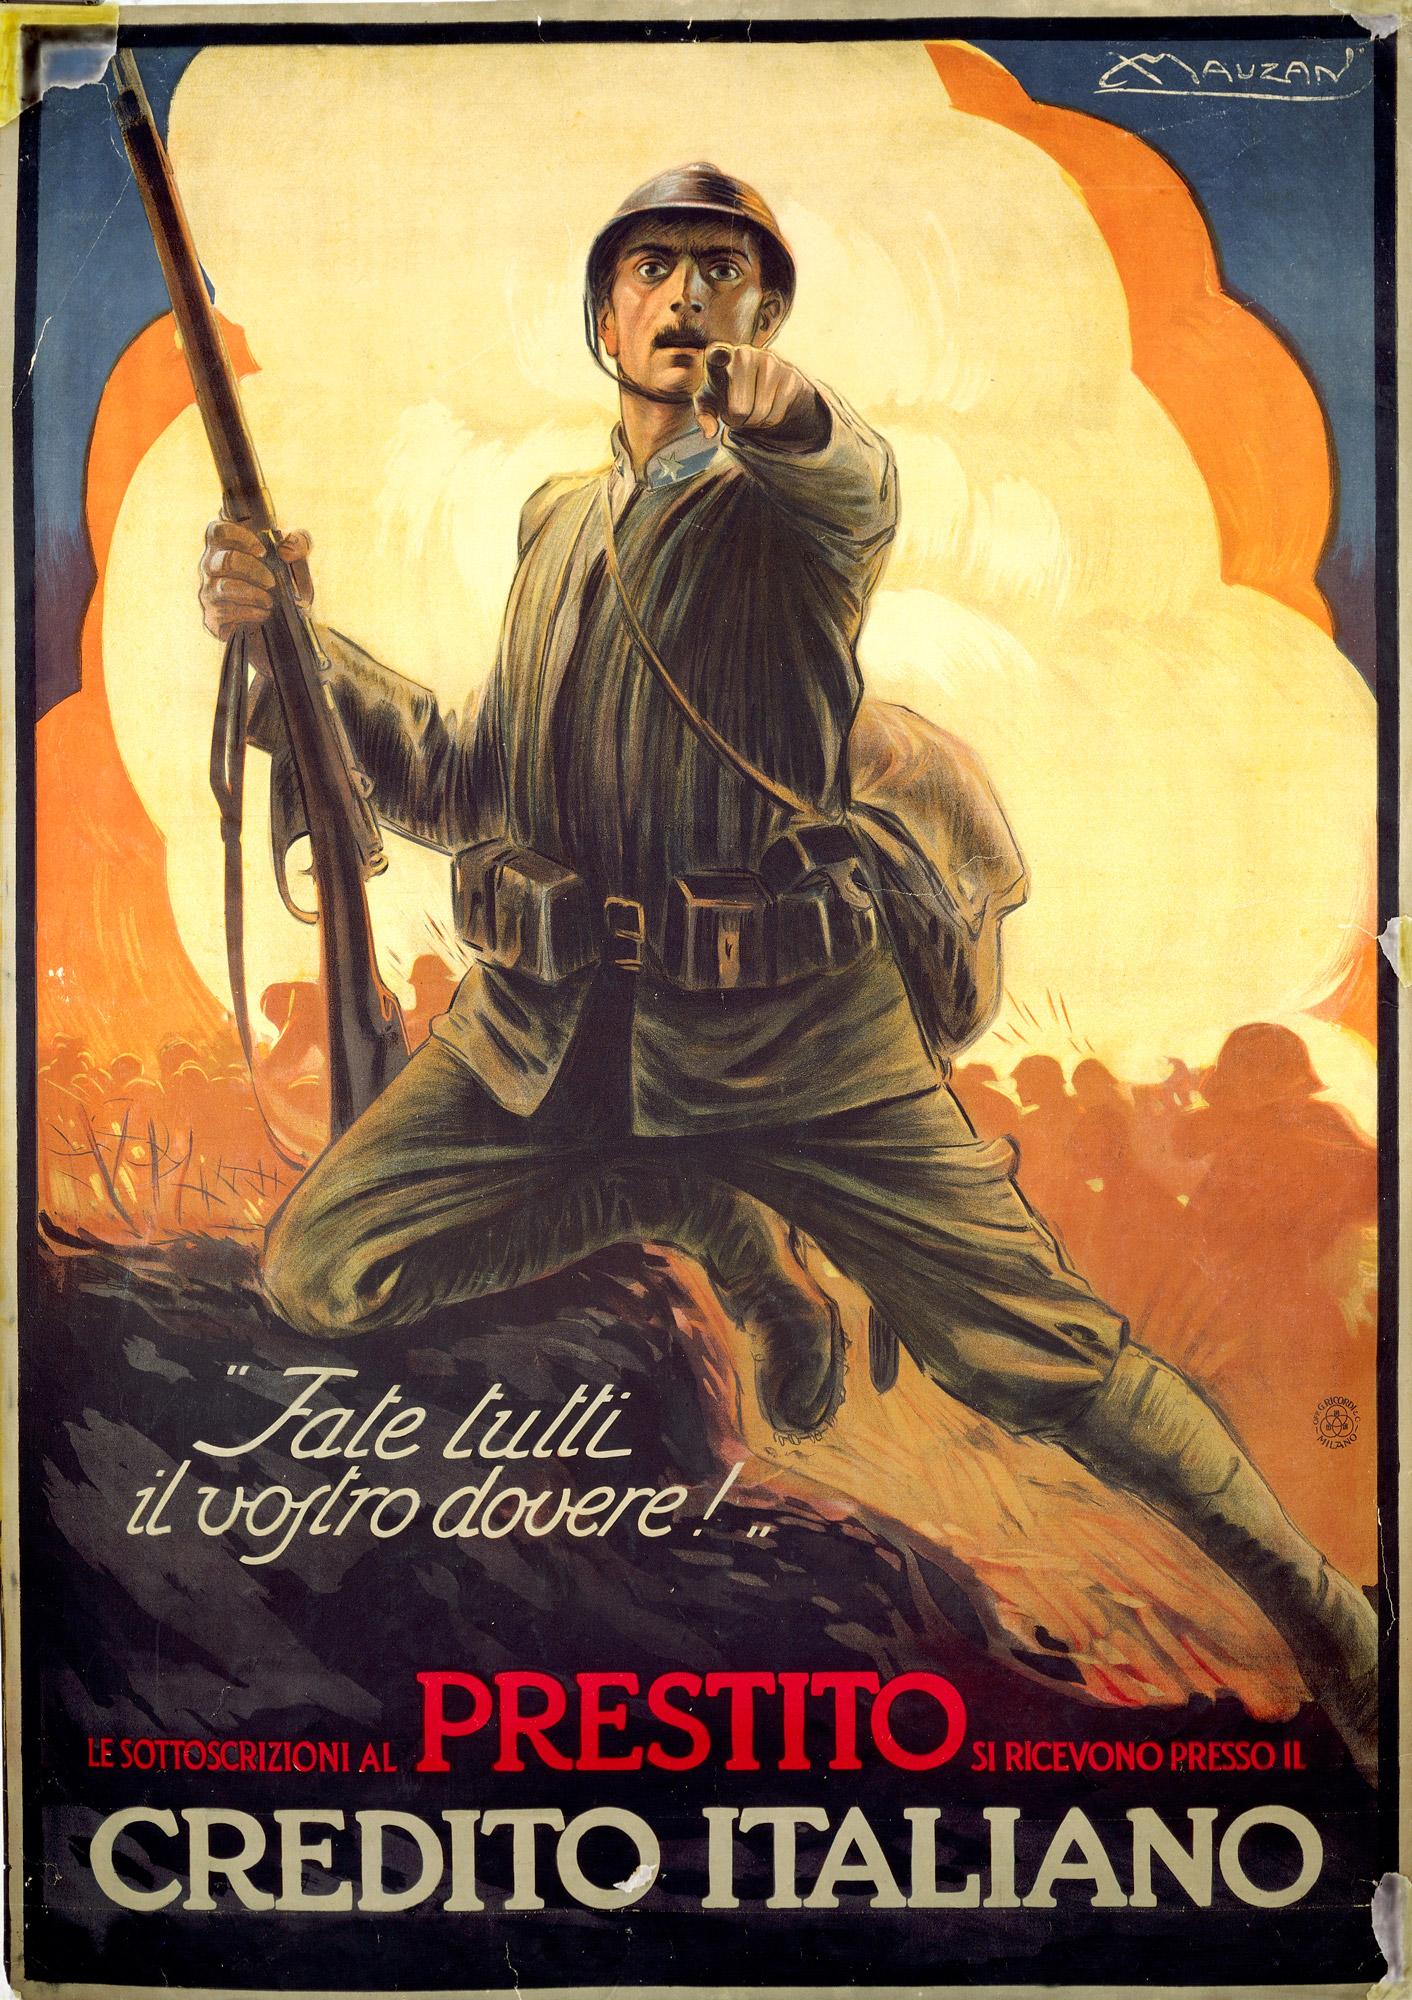 Fate tutti il vostro dovere! [Everyone do your duty!]